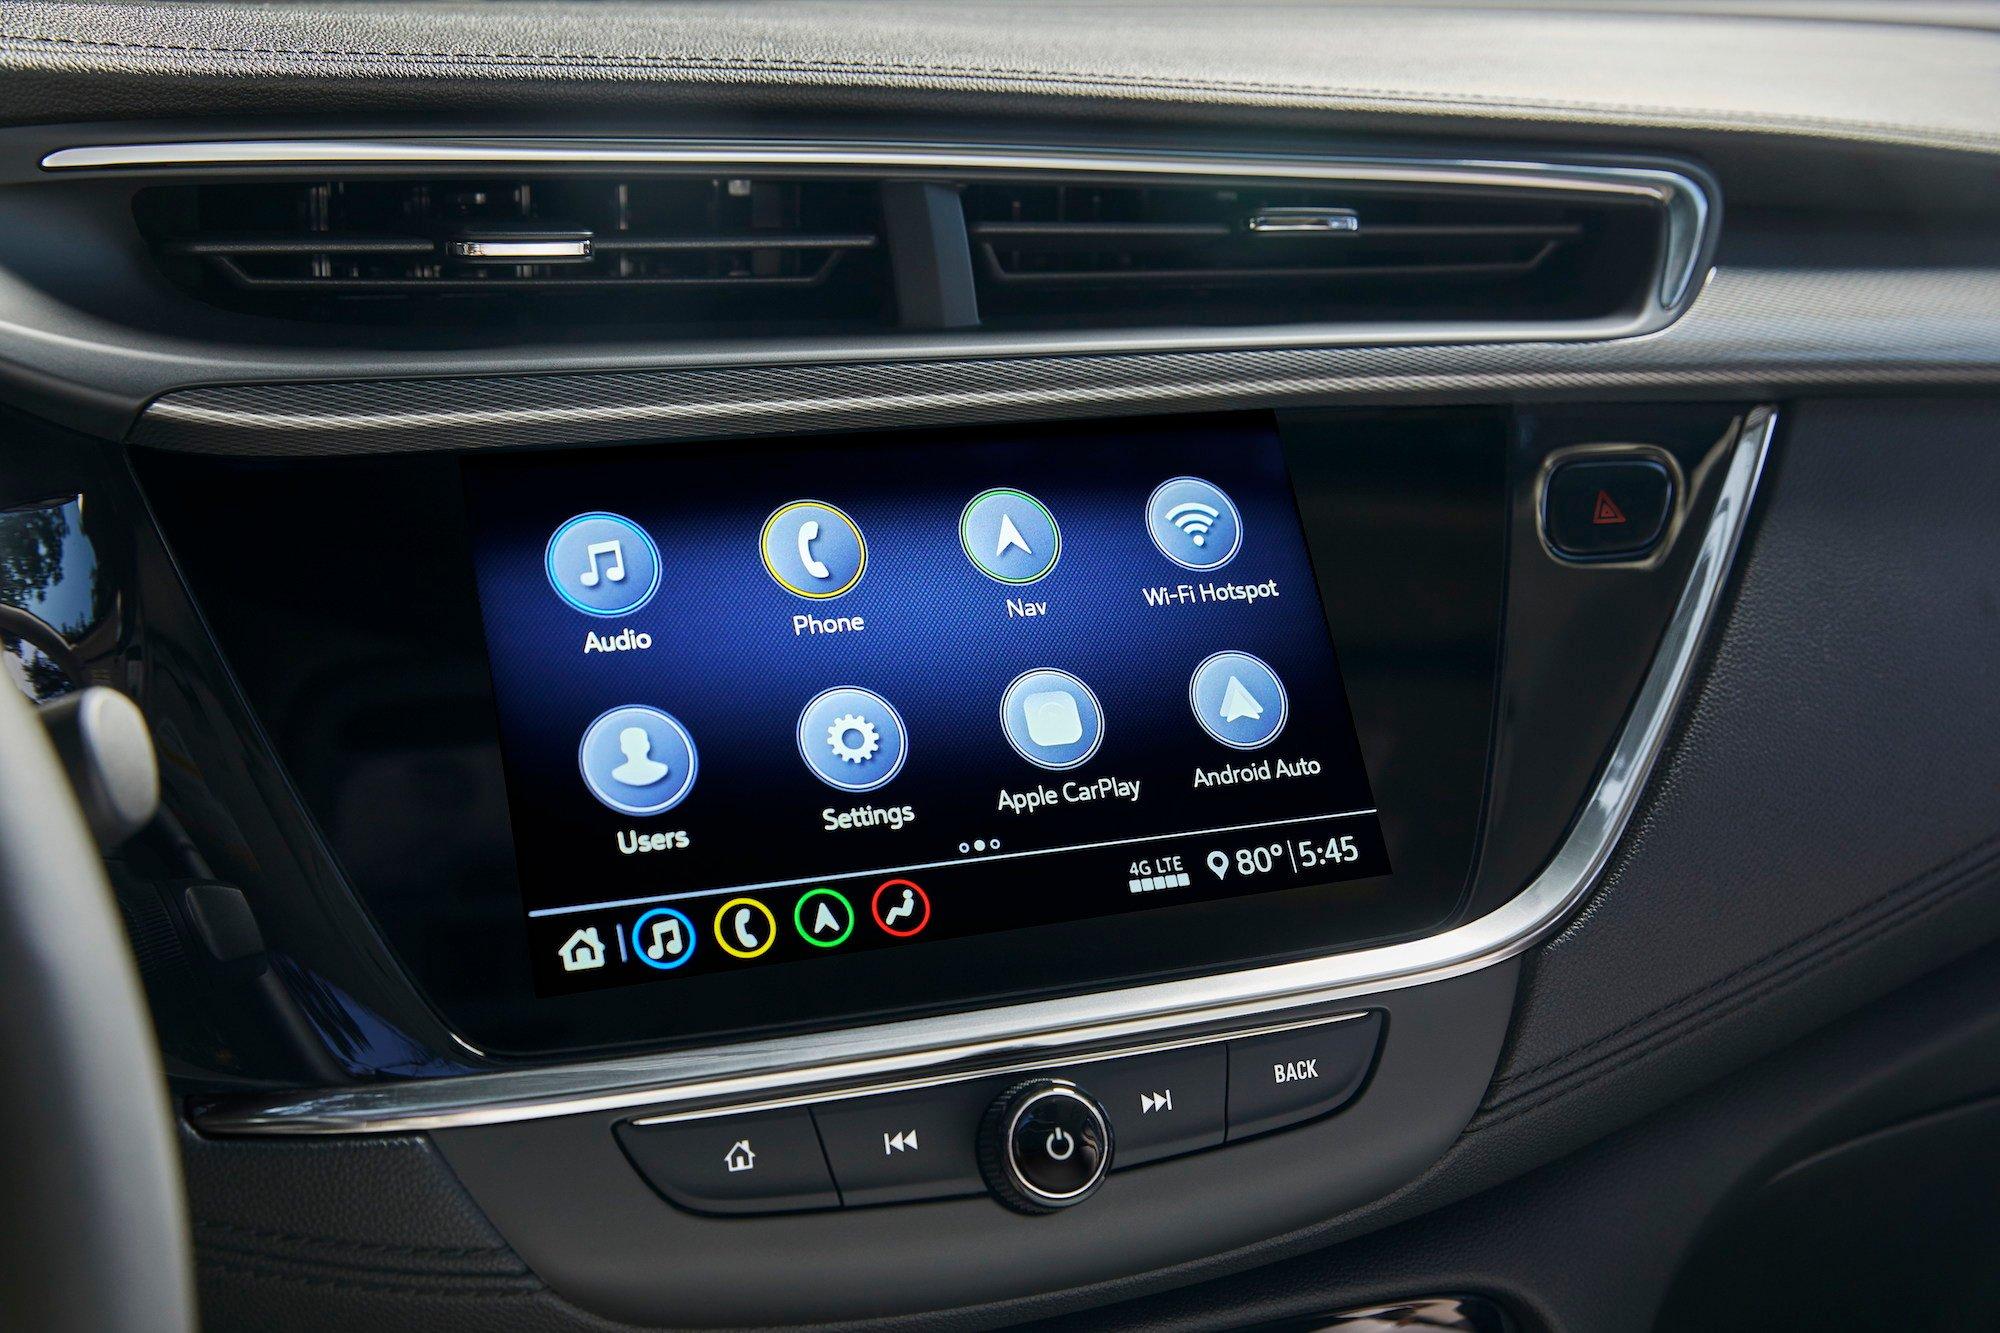 2021-Buick-Encore-GX-multimedia-screen-credit-Buick.j